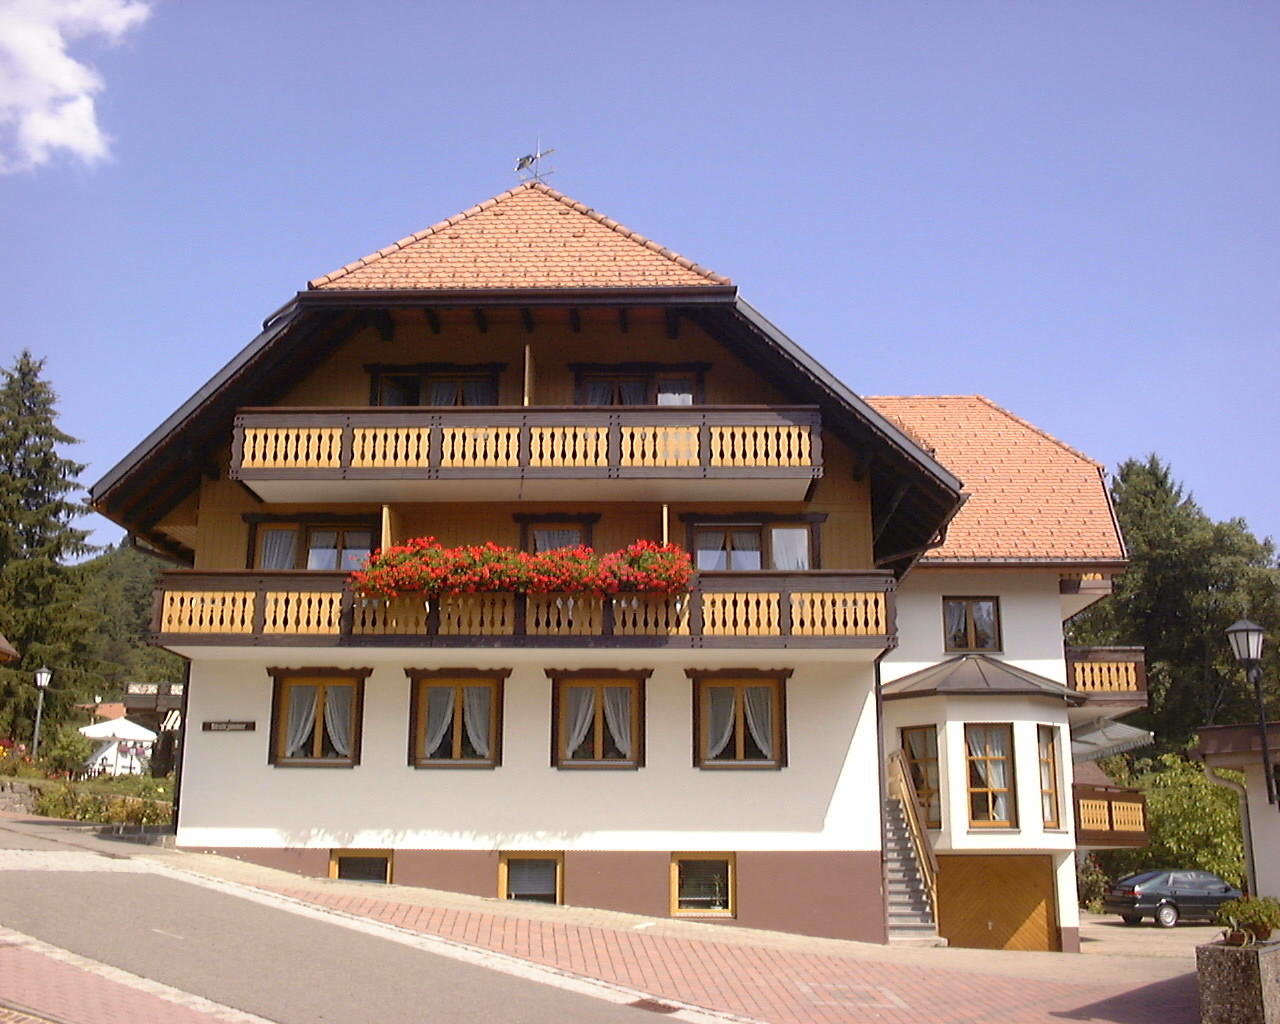 Ferienwohnung Gästehaus Roseneck, (Todtmoos). Appartement (2718179), Todtmoos, Schwarzwald, Baden-Württemberg, Deutschland, Bild 1